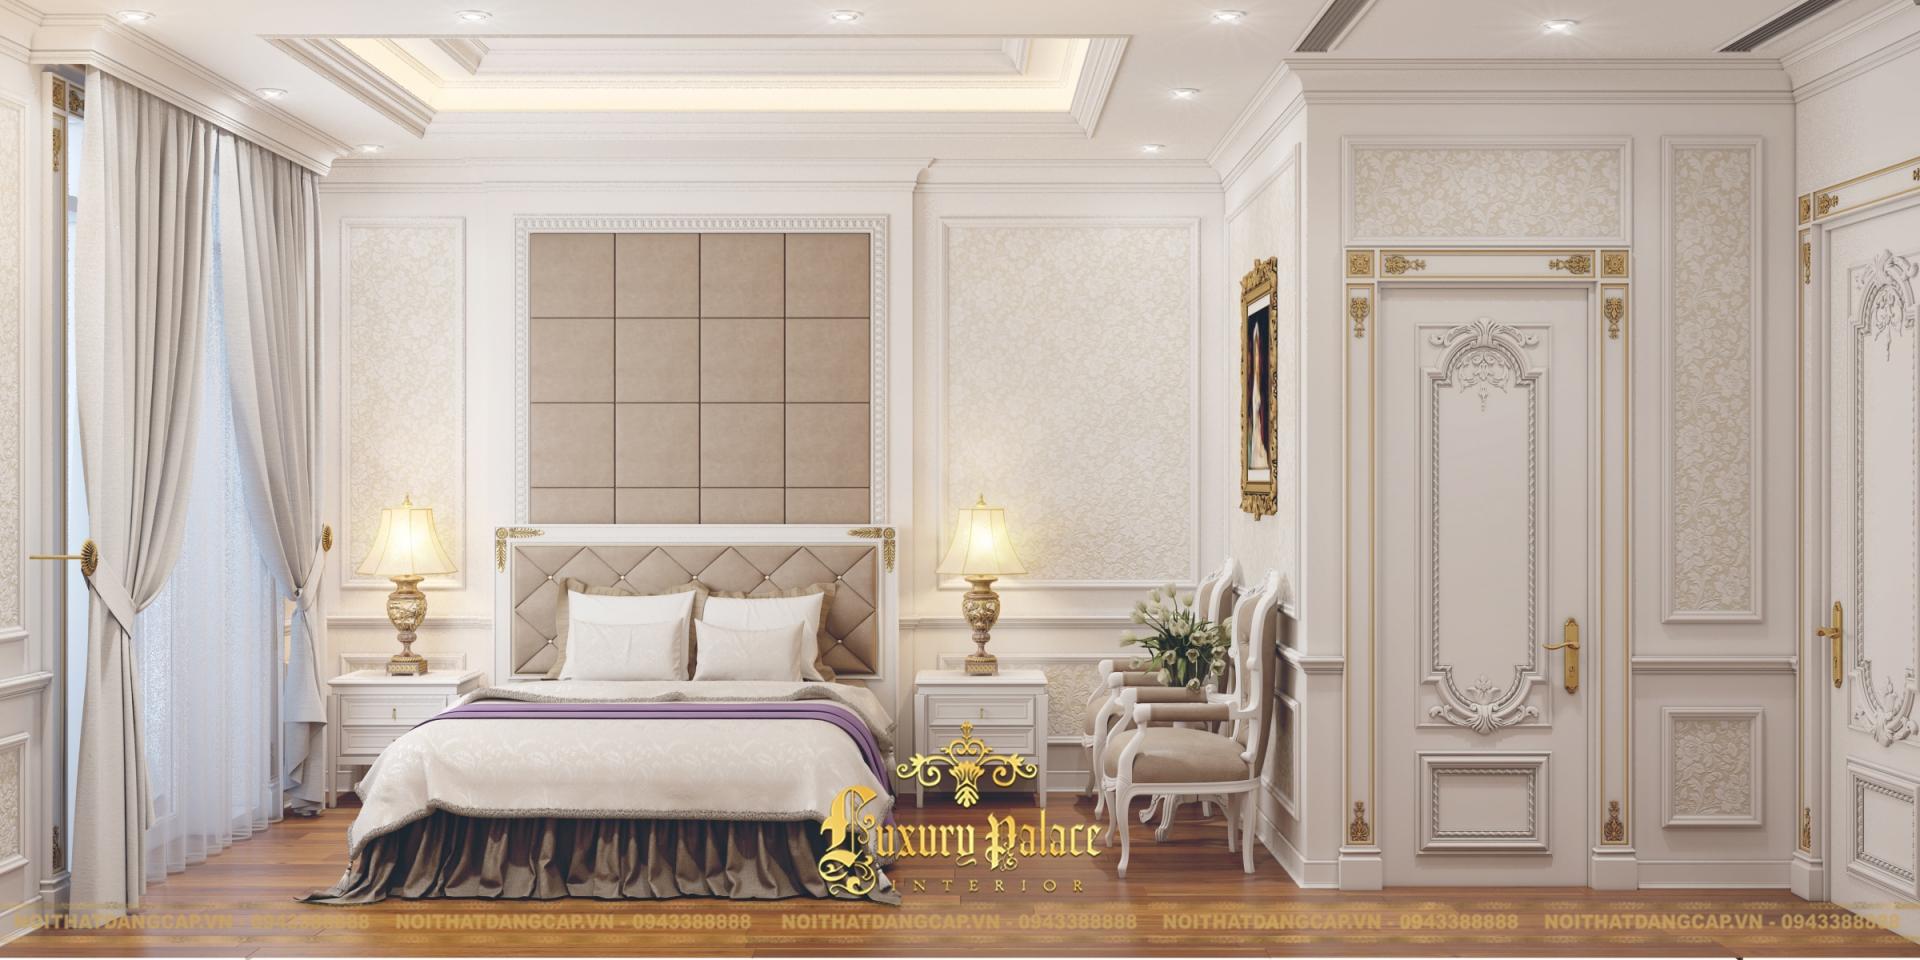 Mẫu thiết kế phòng ngủ phong cách tân cổ điển châu Âu 4